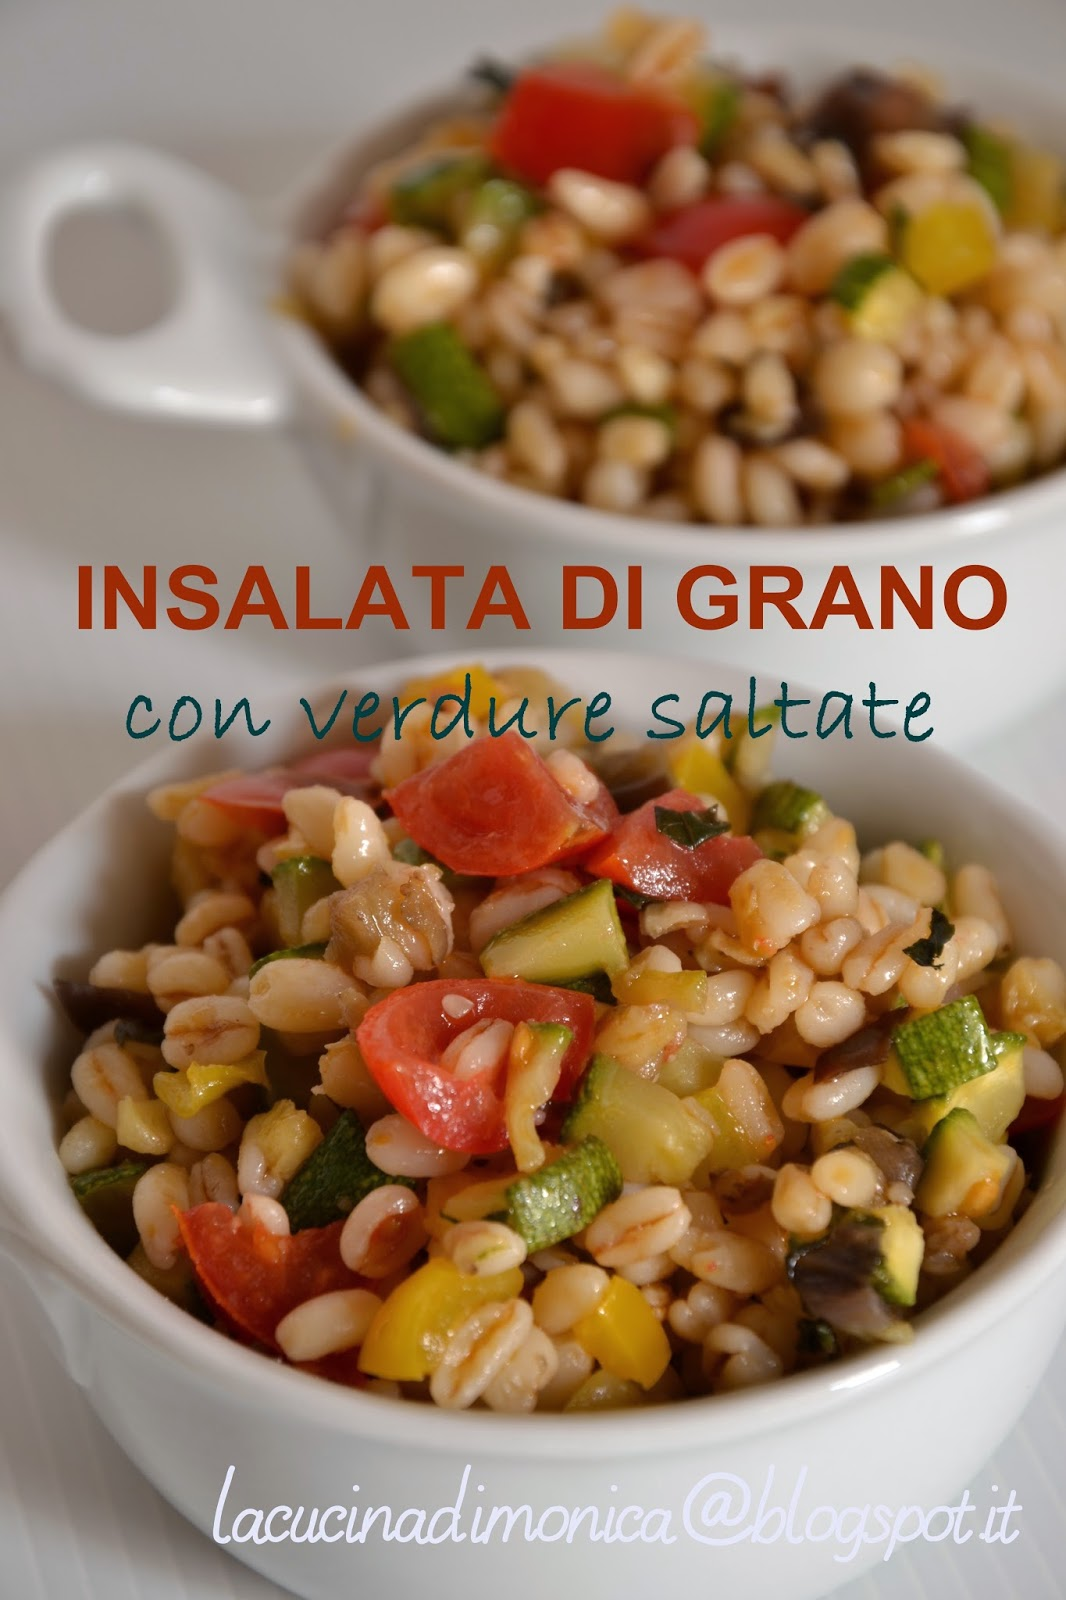 insalata di grano con verdure saltate